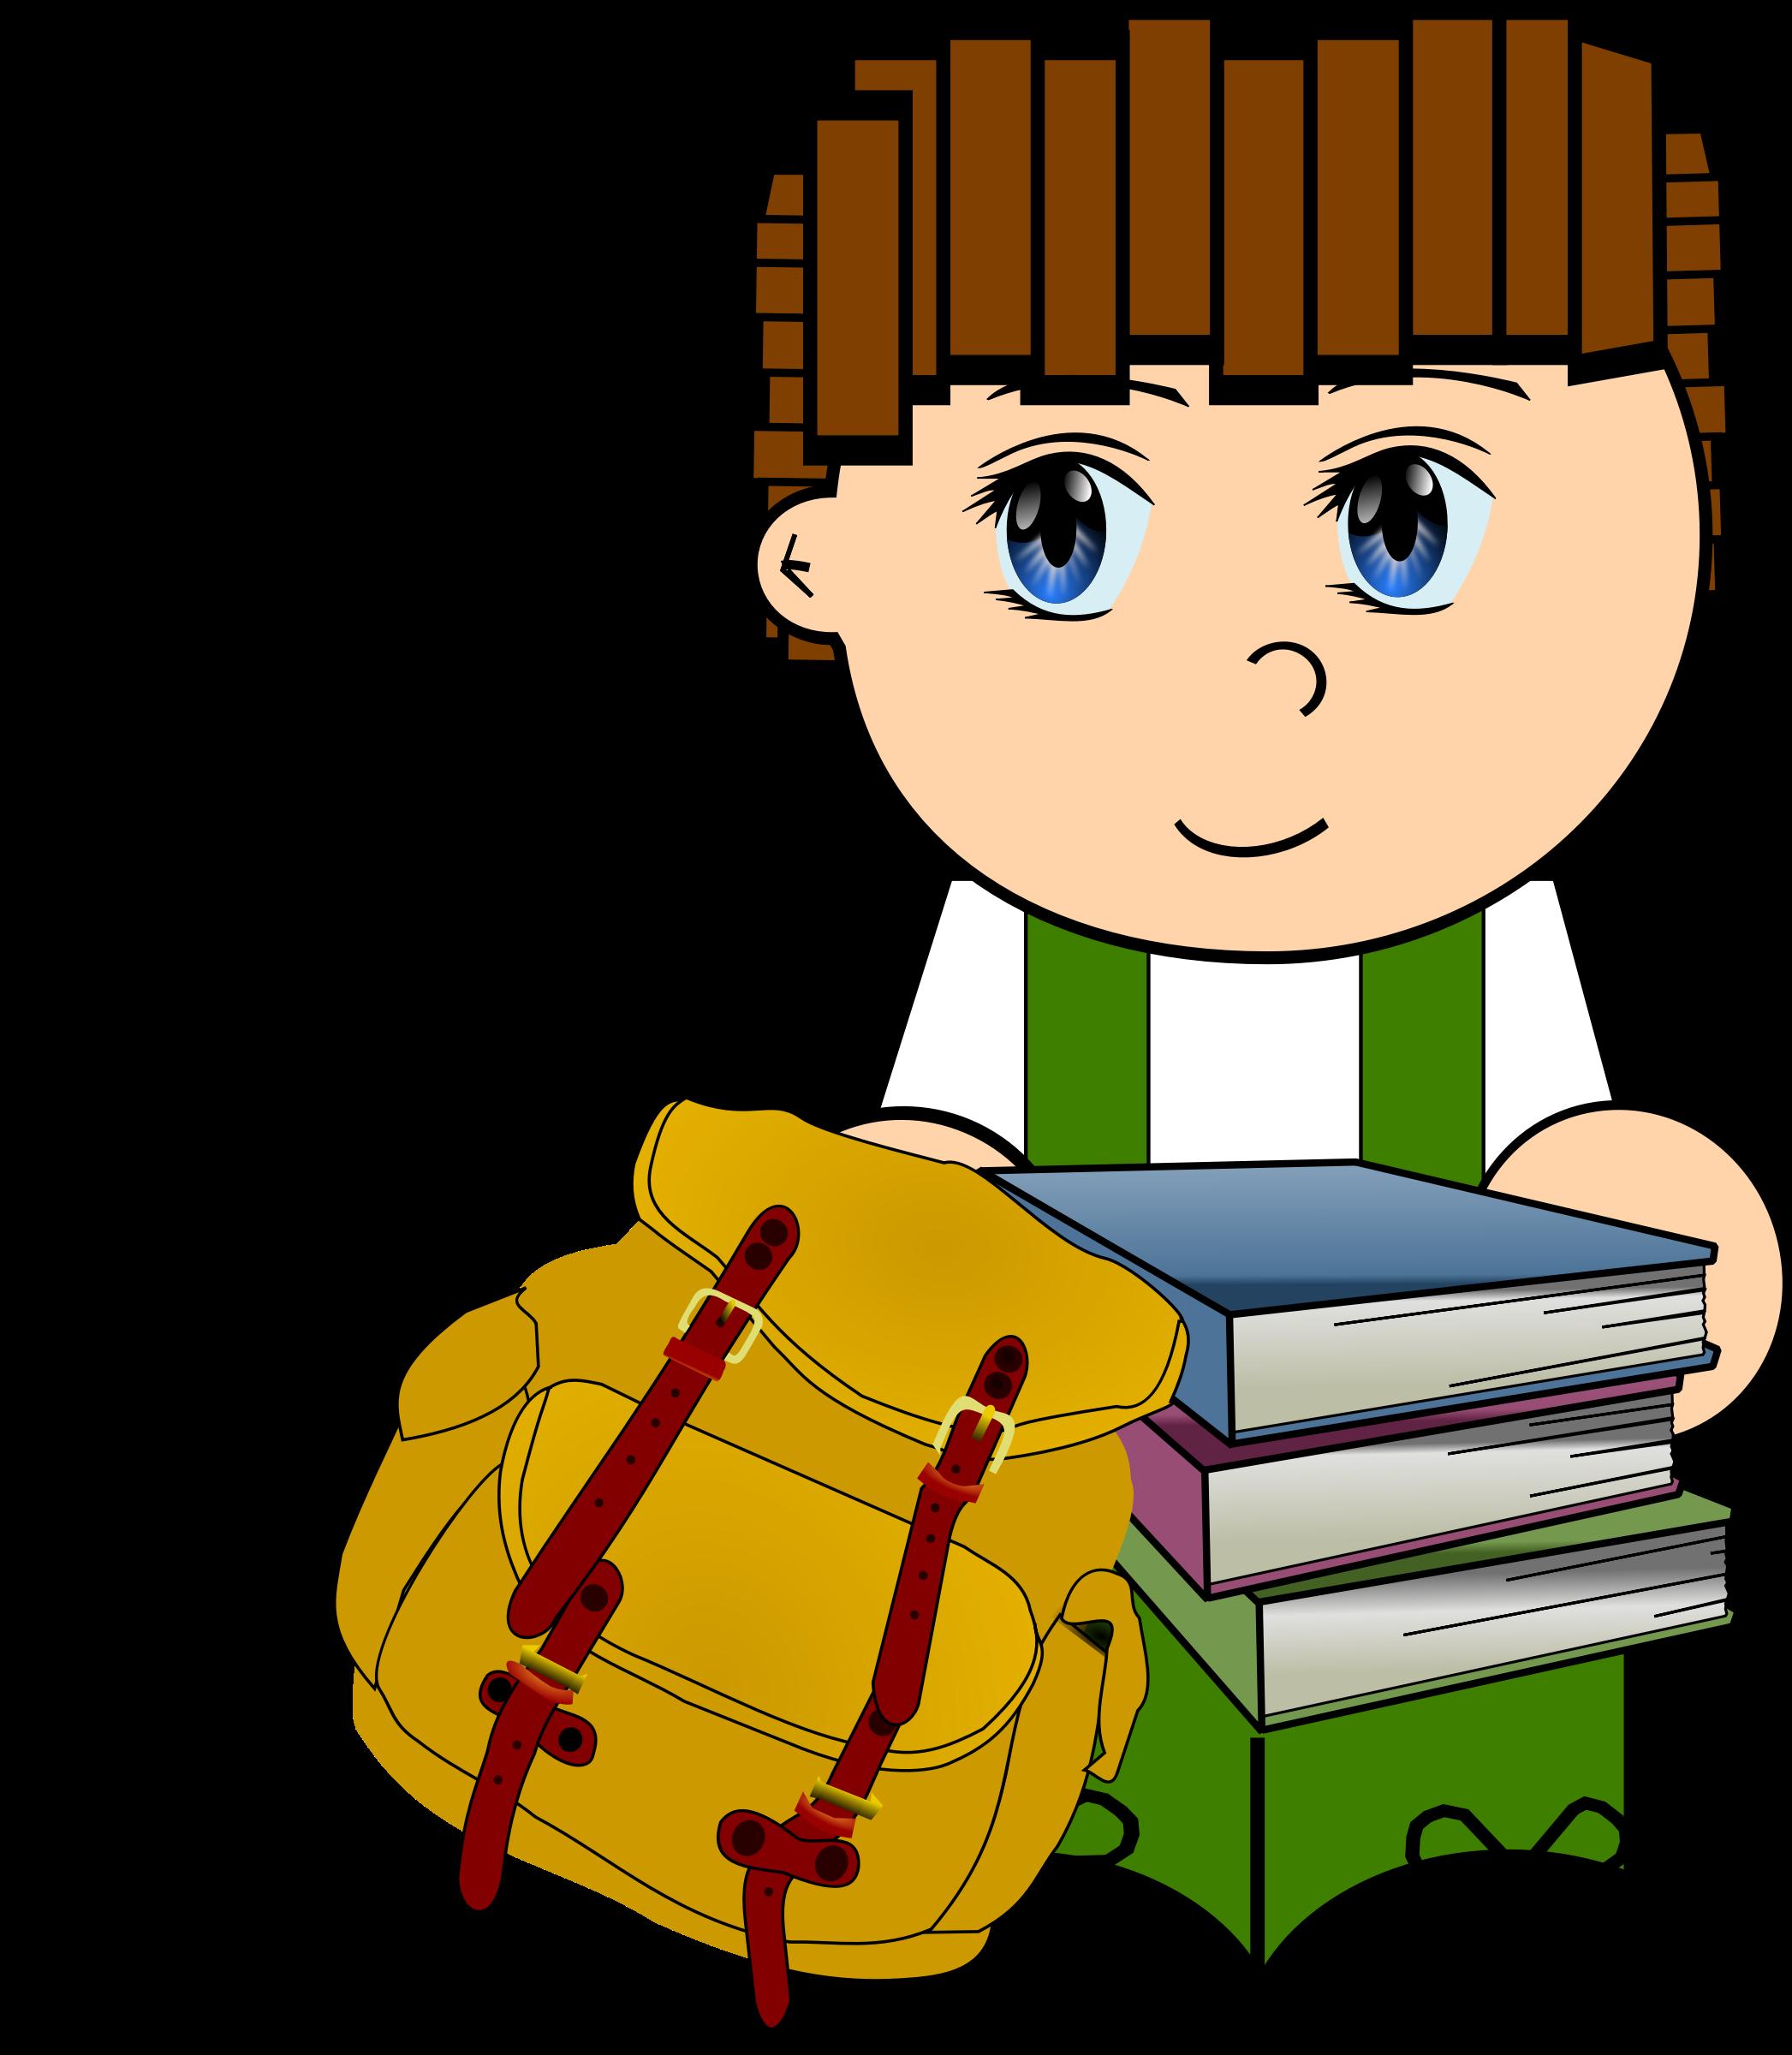 Clipart school boy. Cartoon schoolboy big image